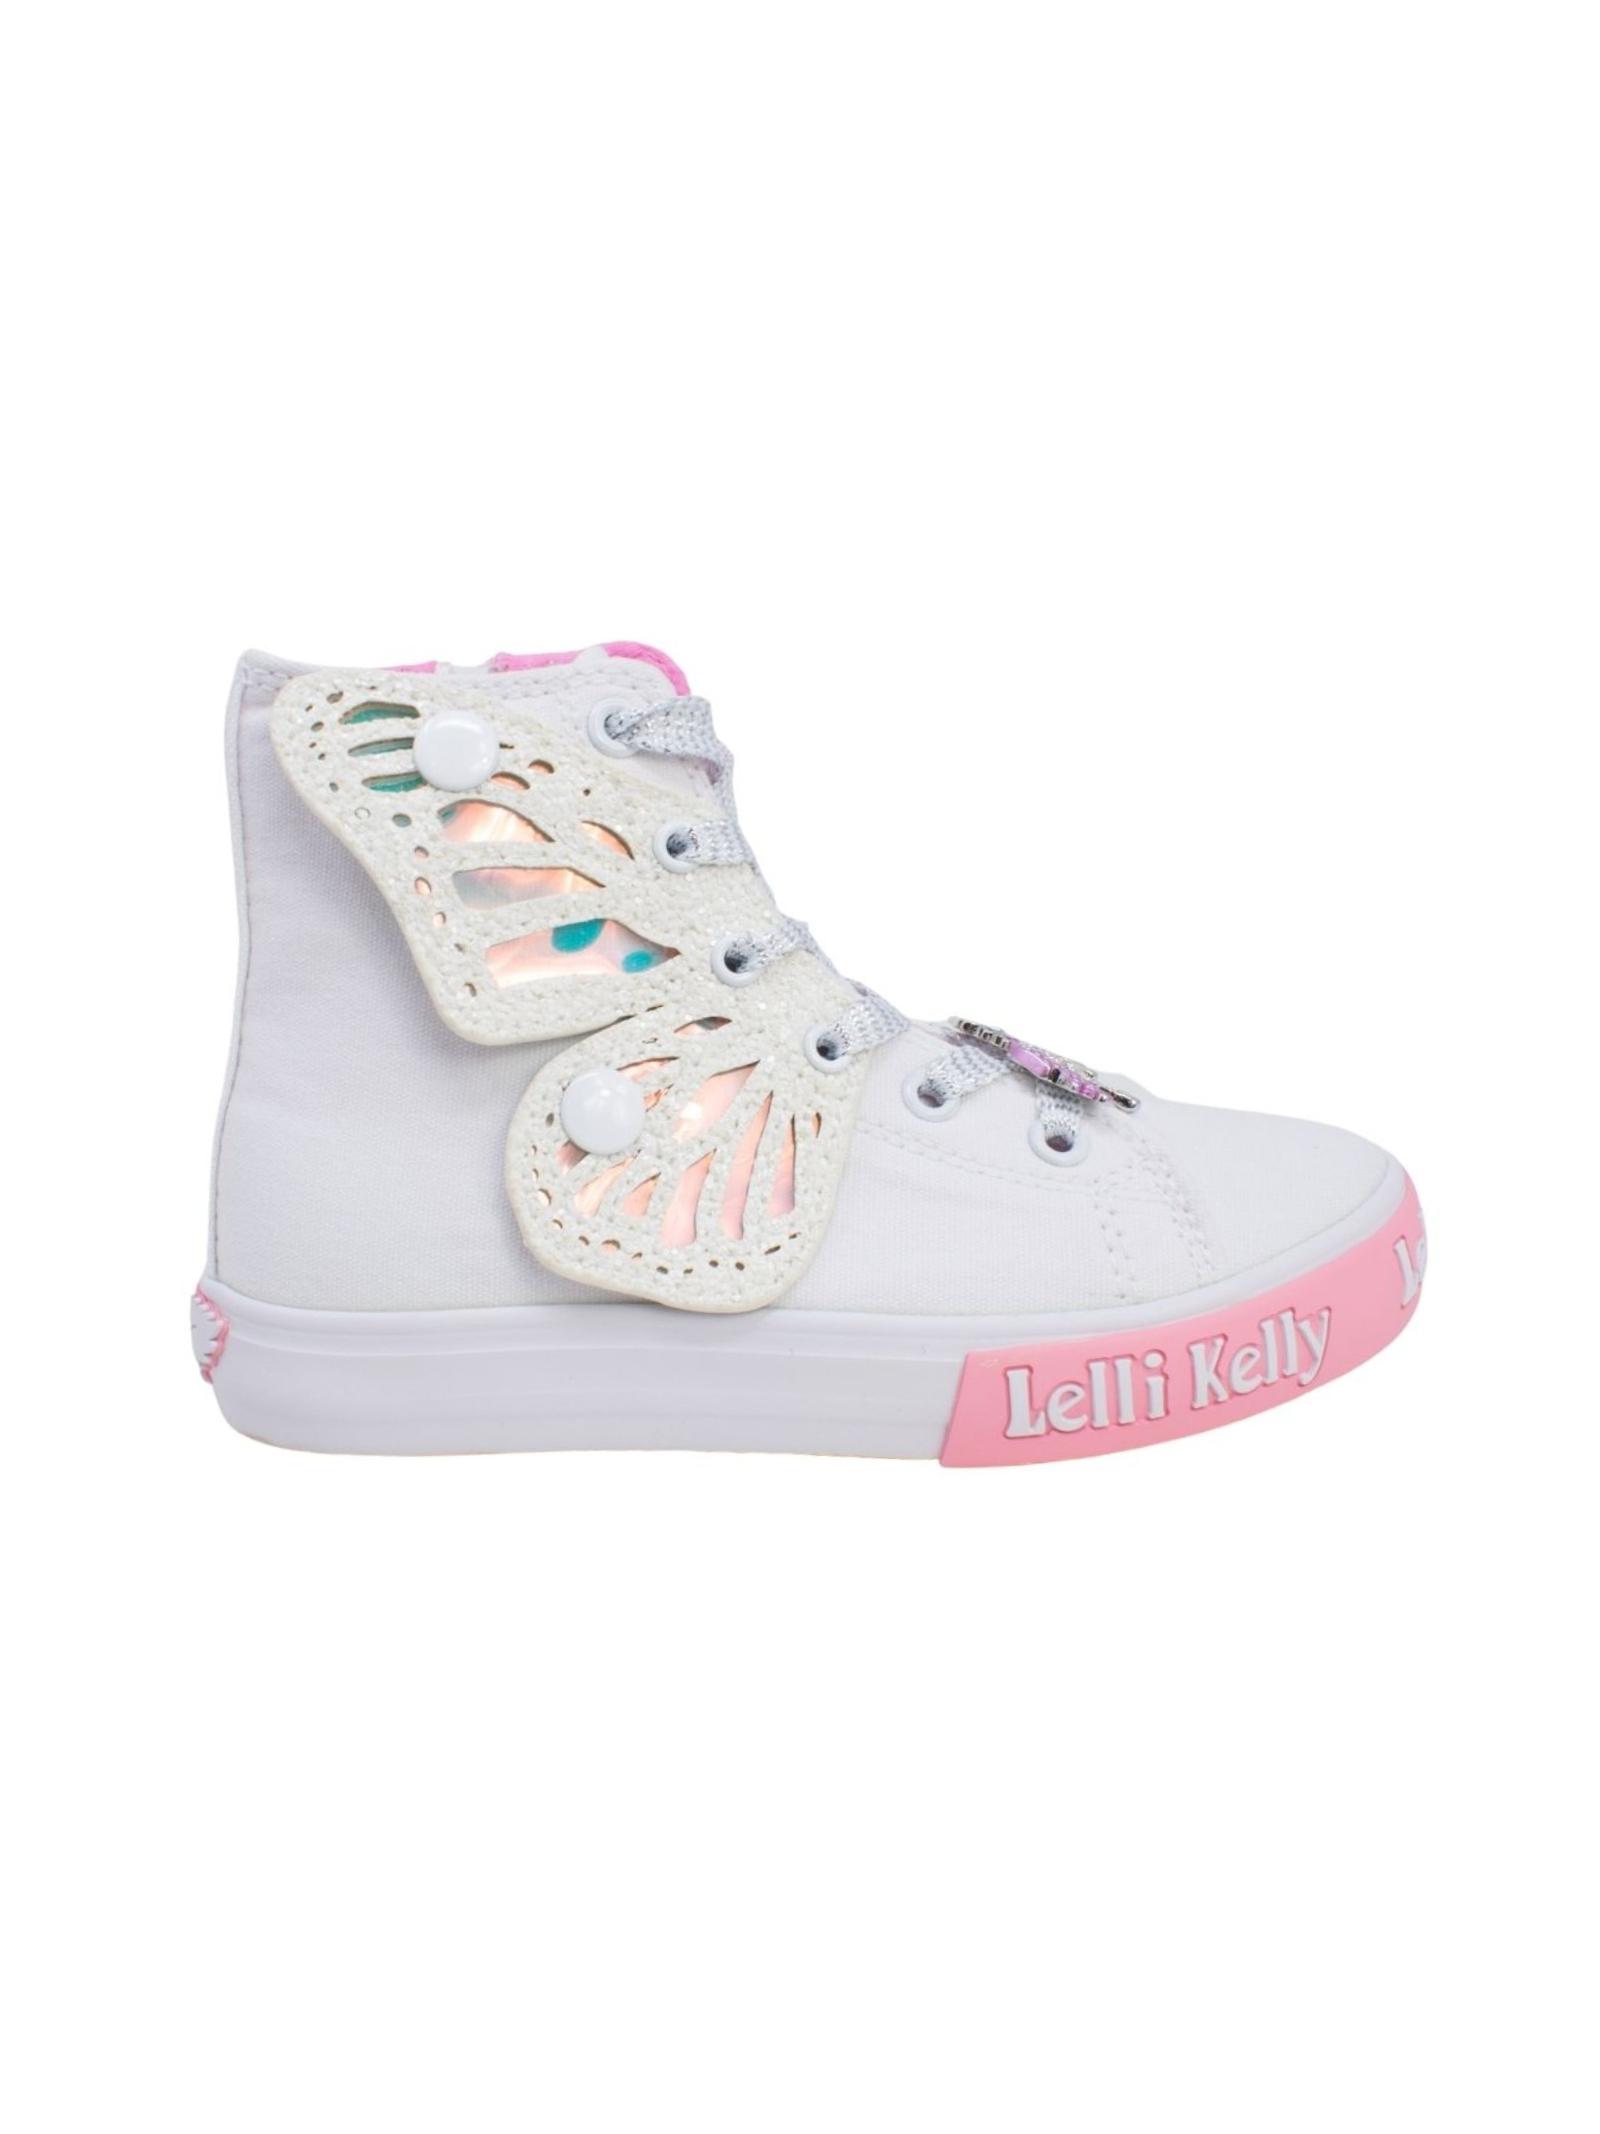 Converse Butterfly Unicorno LELLI KELLY | Sneakers | LK1330BIANCO